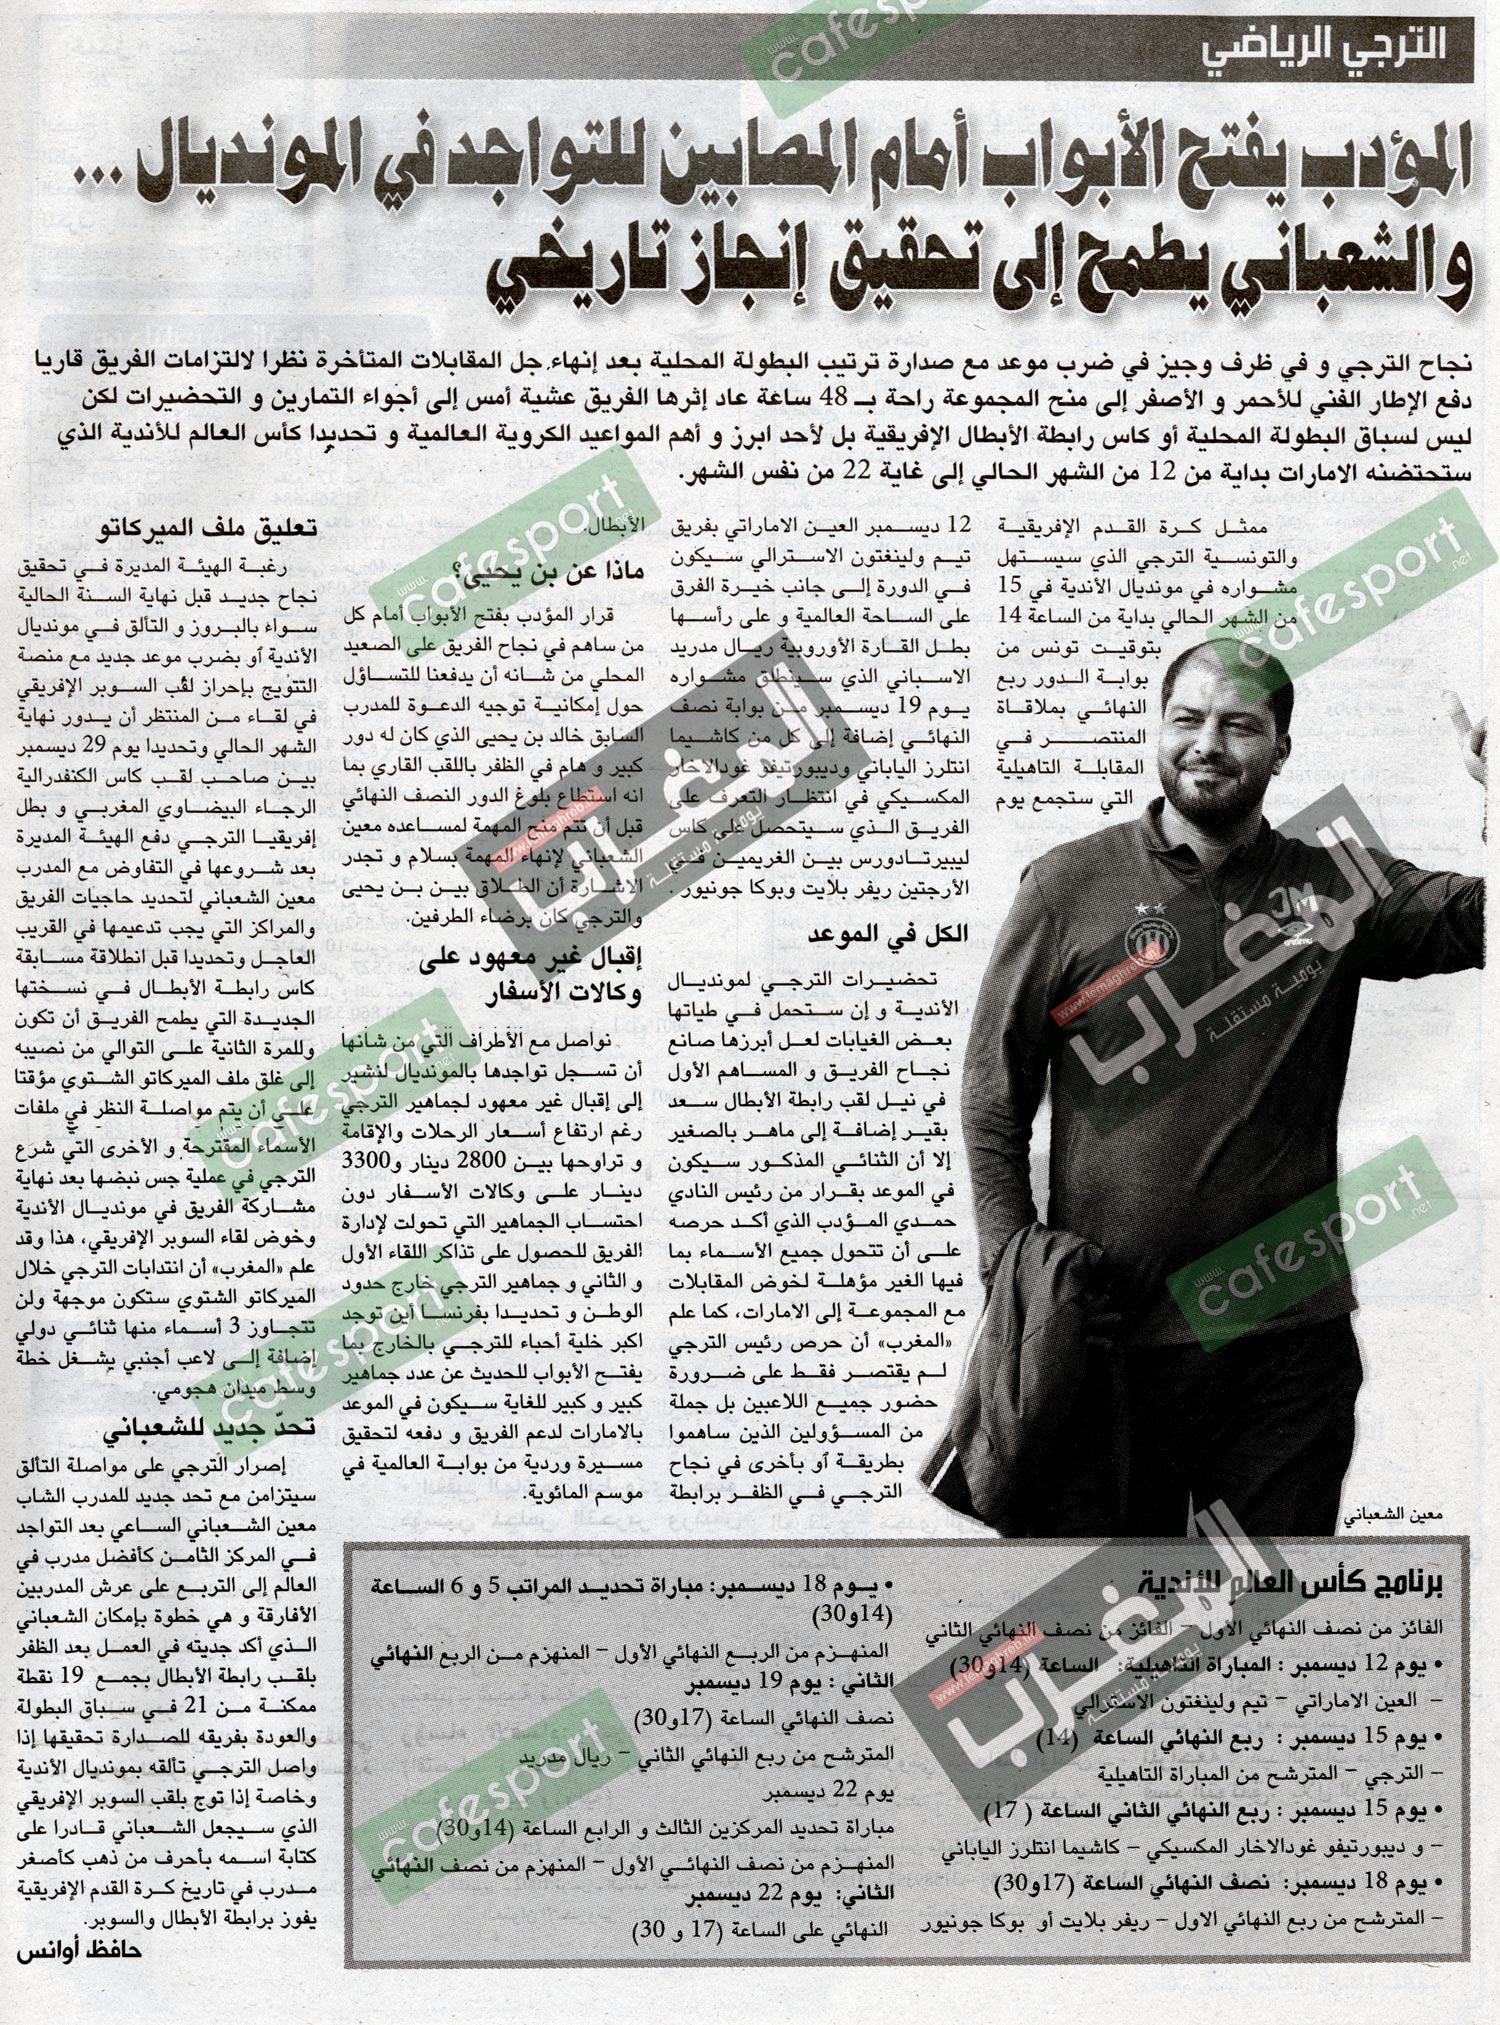 كلام جرايد ليوم الخميس 06 ديسمبر 2018